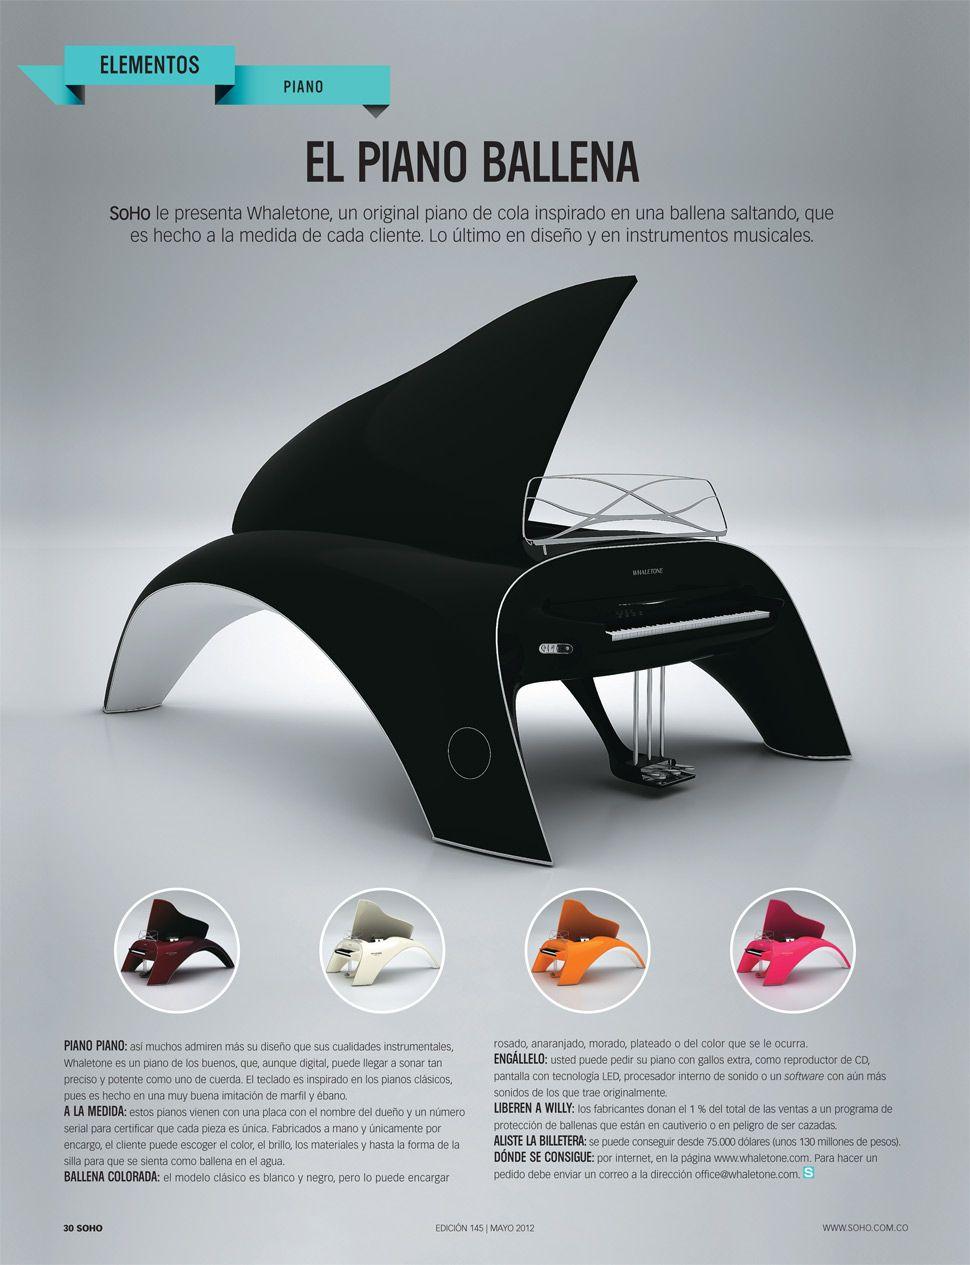 Le Industrial Design el piano ballena soho le presenta whaletone un original piano de